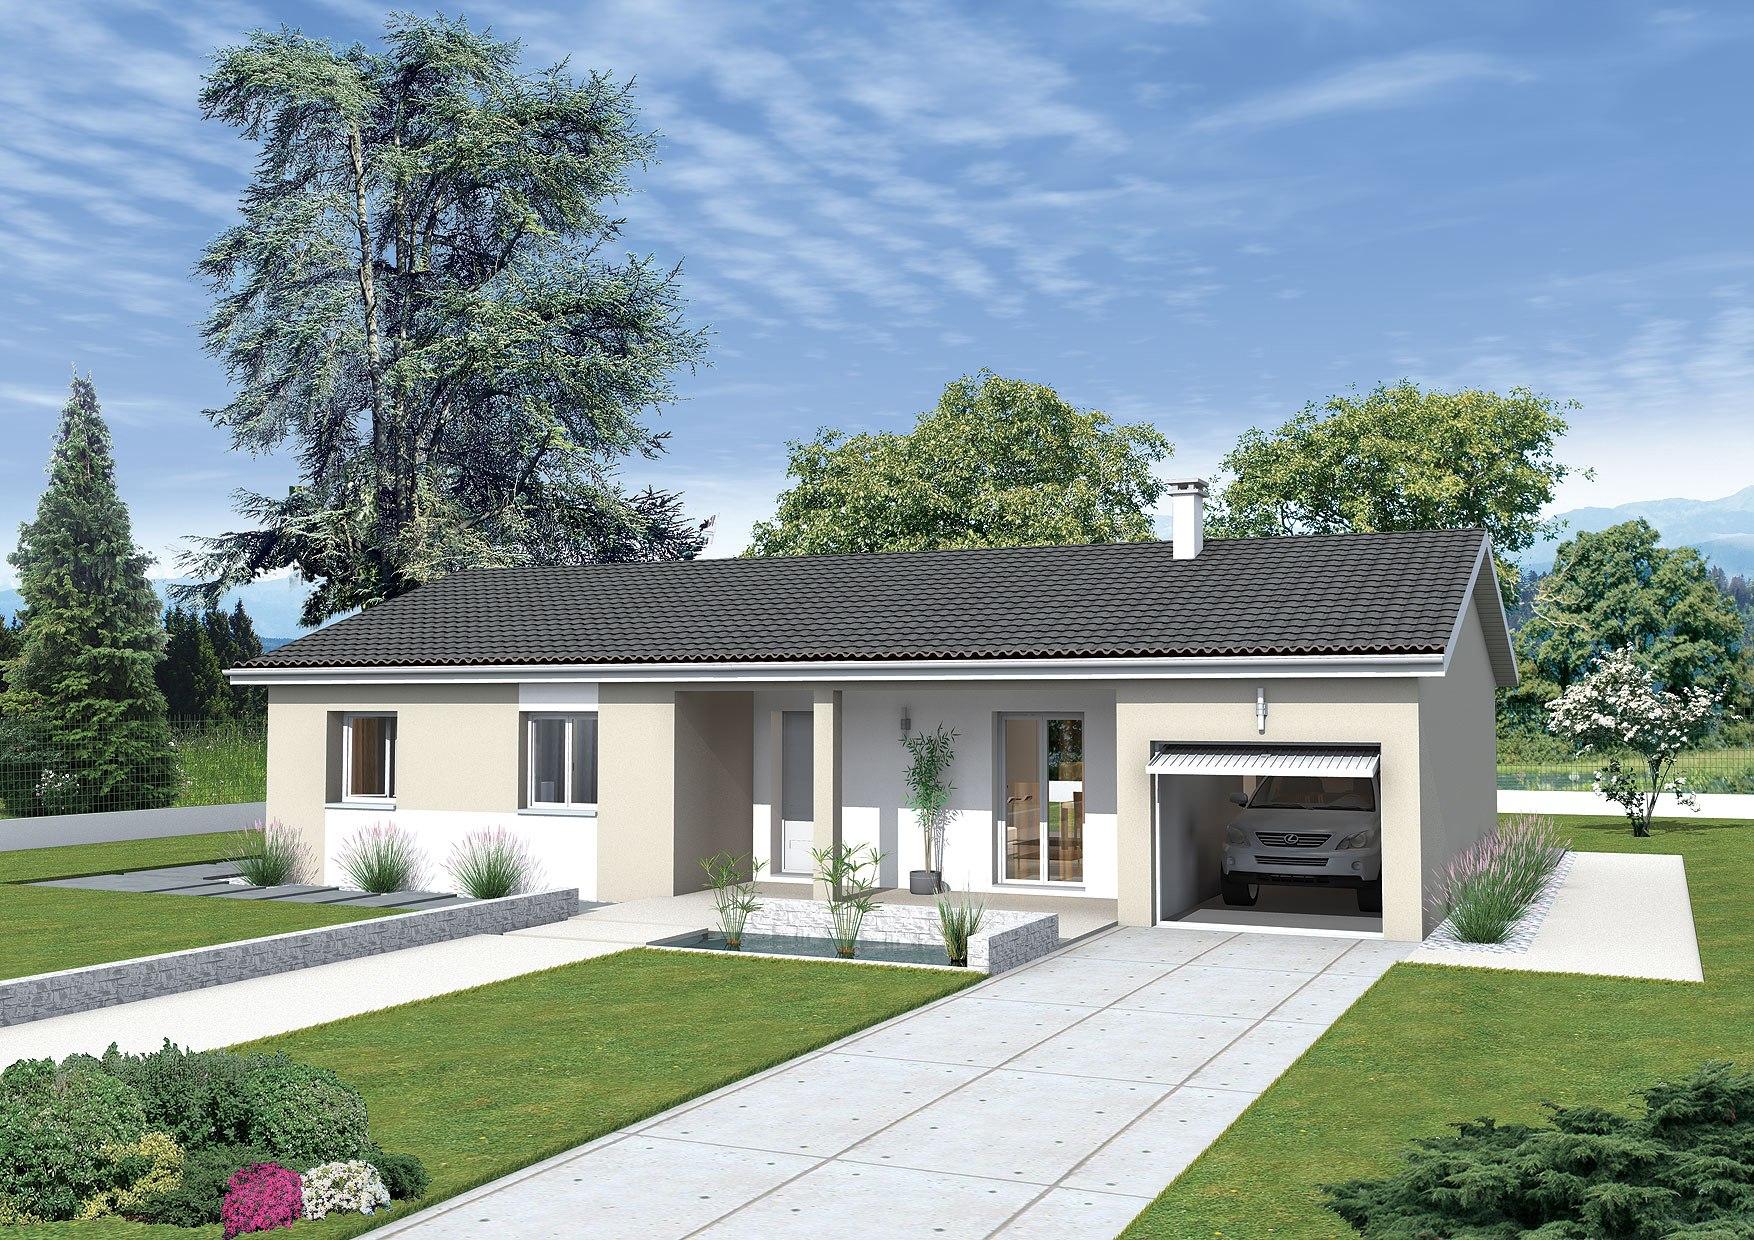 Maisons + Terrains du constructeur MAISONS PUNCH SIEGE SOCIAL • 85 m² • GARNERANS